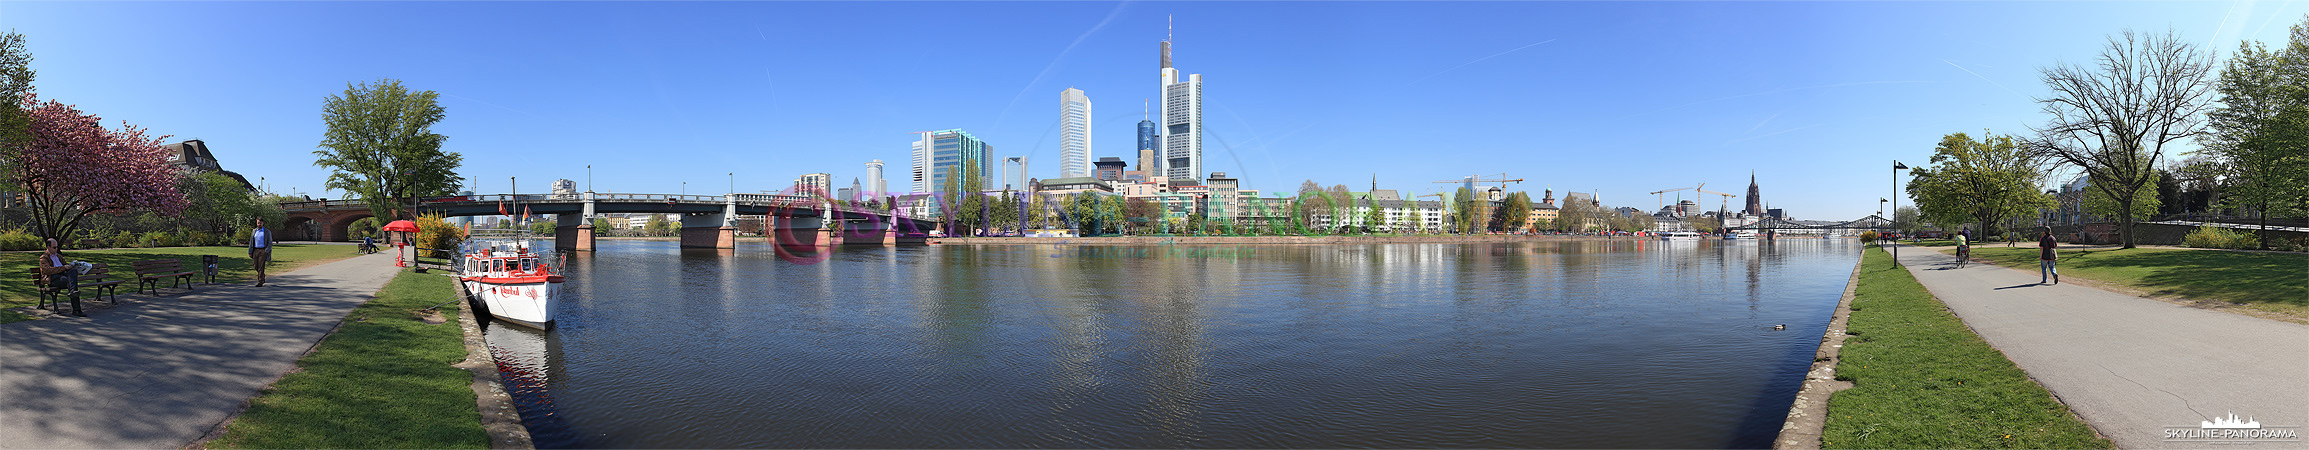 Panorama der Frankfurter Skyline mit der Untermainbrücke vom Mainufer aus gesehen.